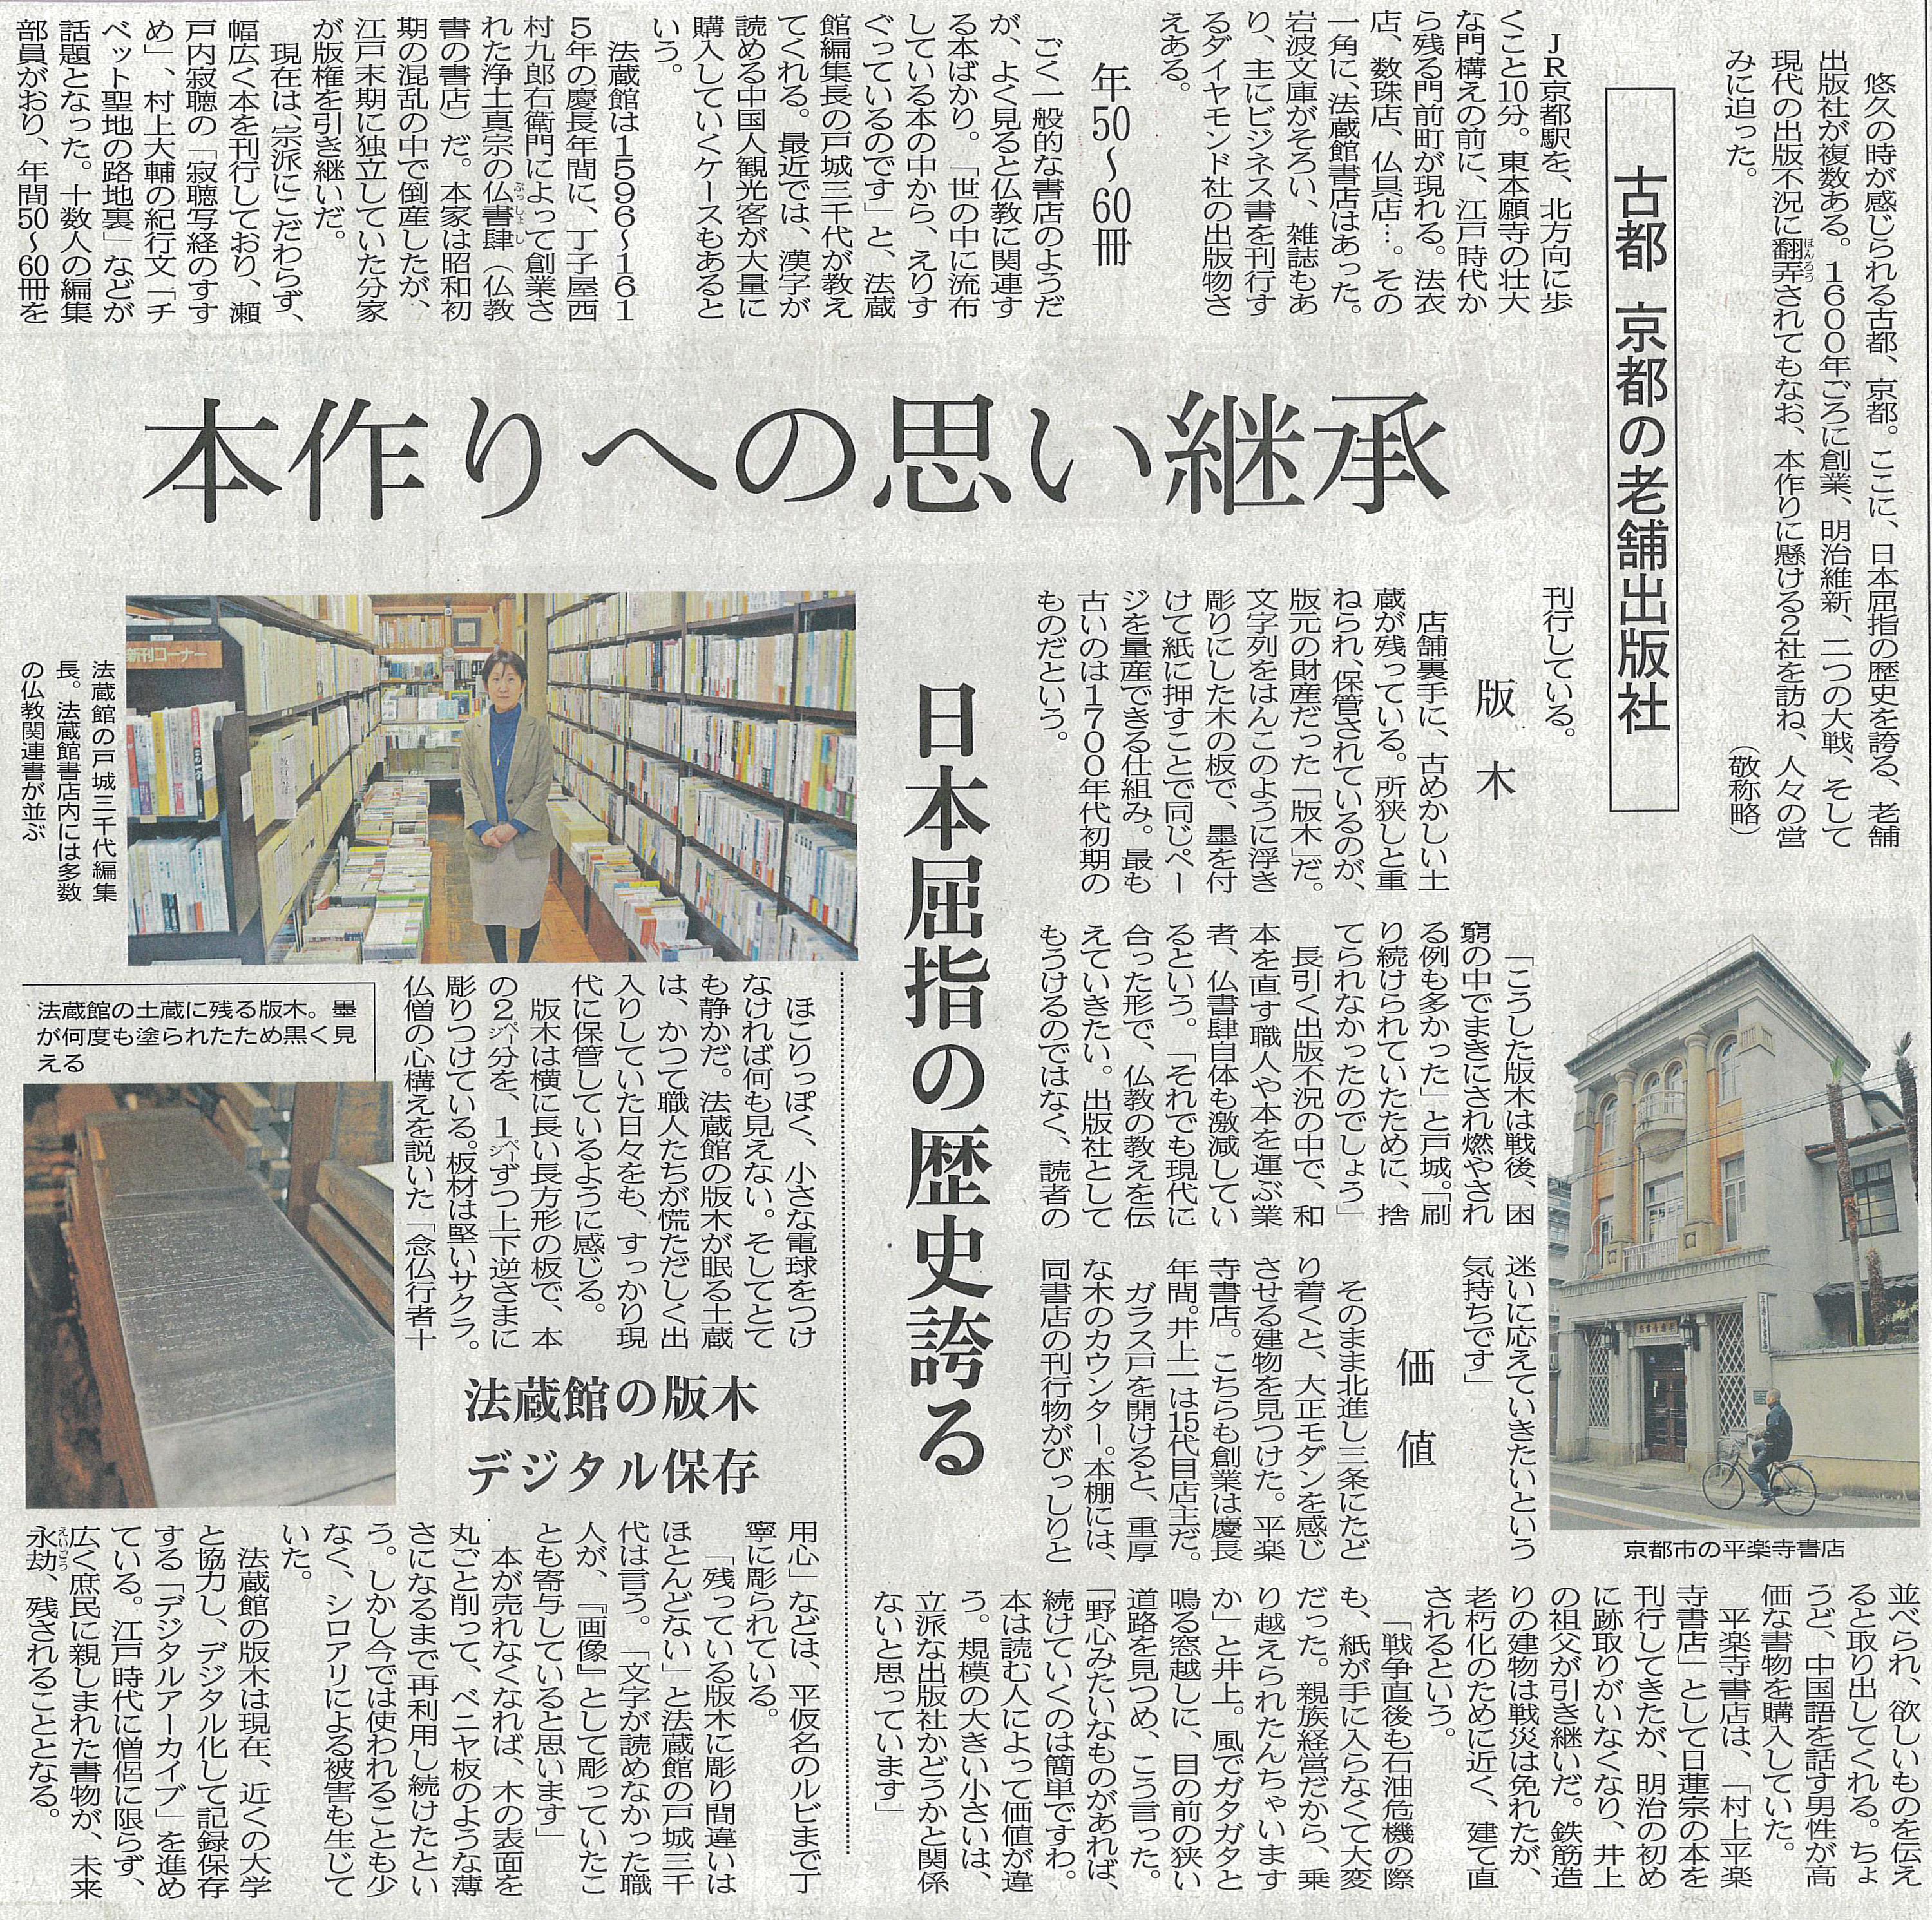 法藏館掲載新聞記事